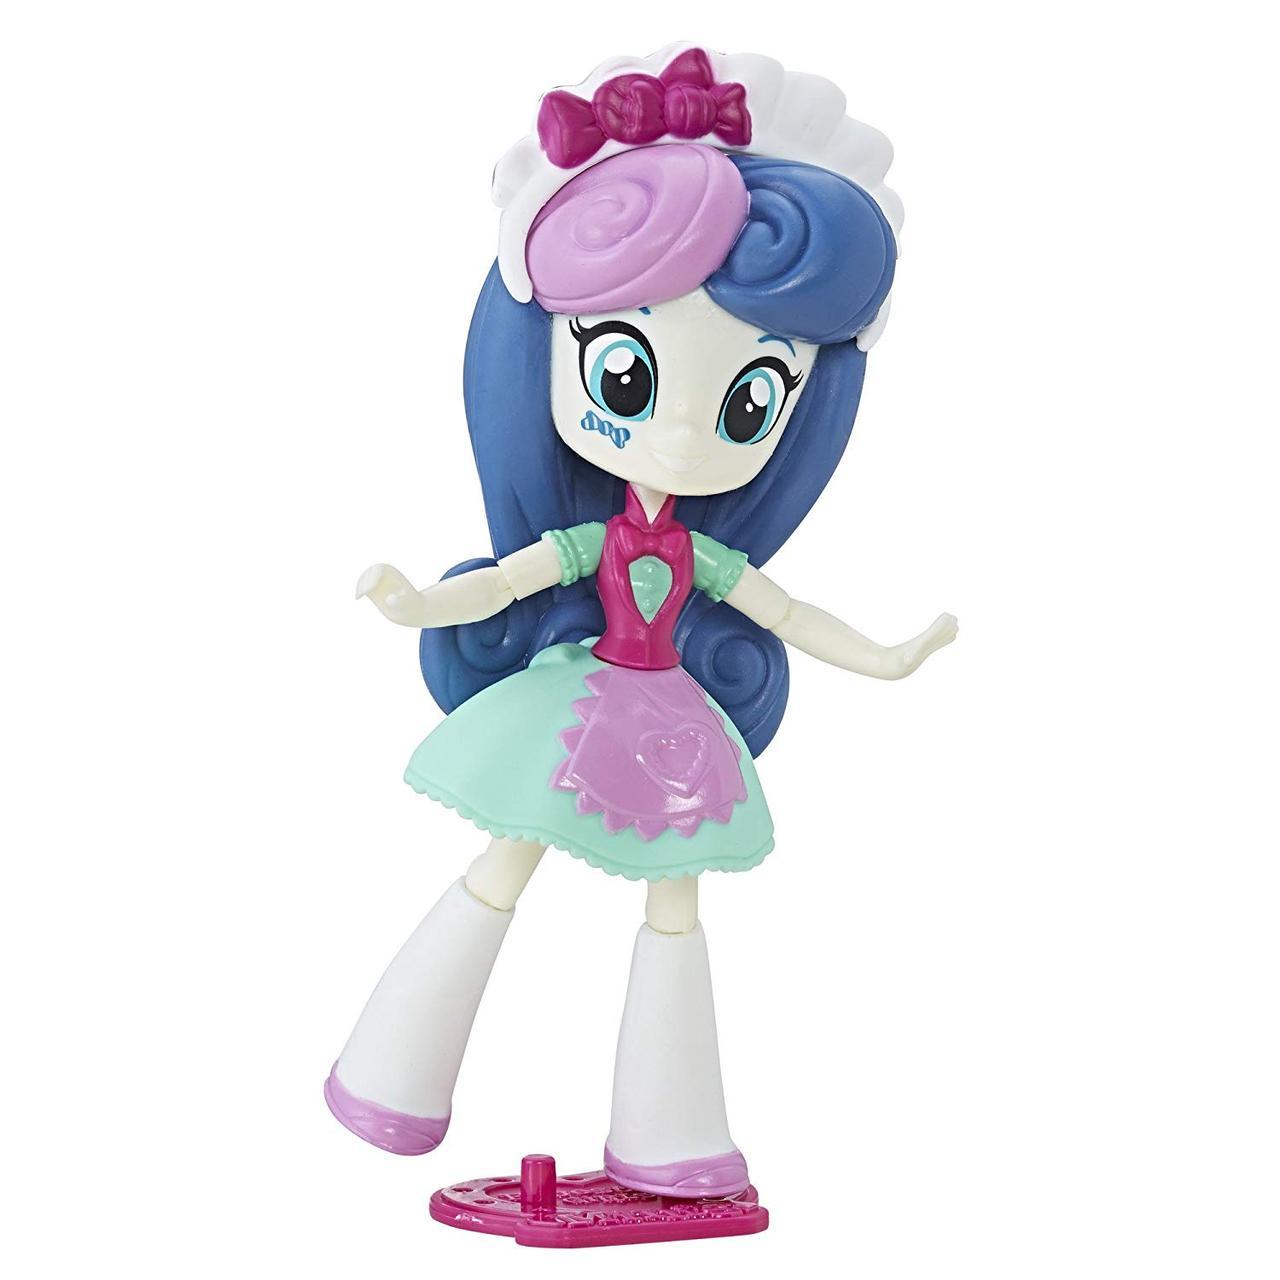 Мини кукла Hasbro My Little Pony Equestria Girls Minis Пони Sweetie Drops C2186